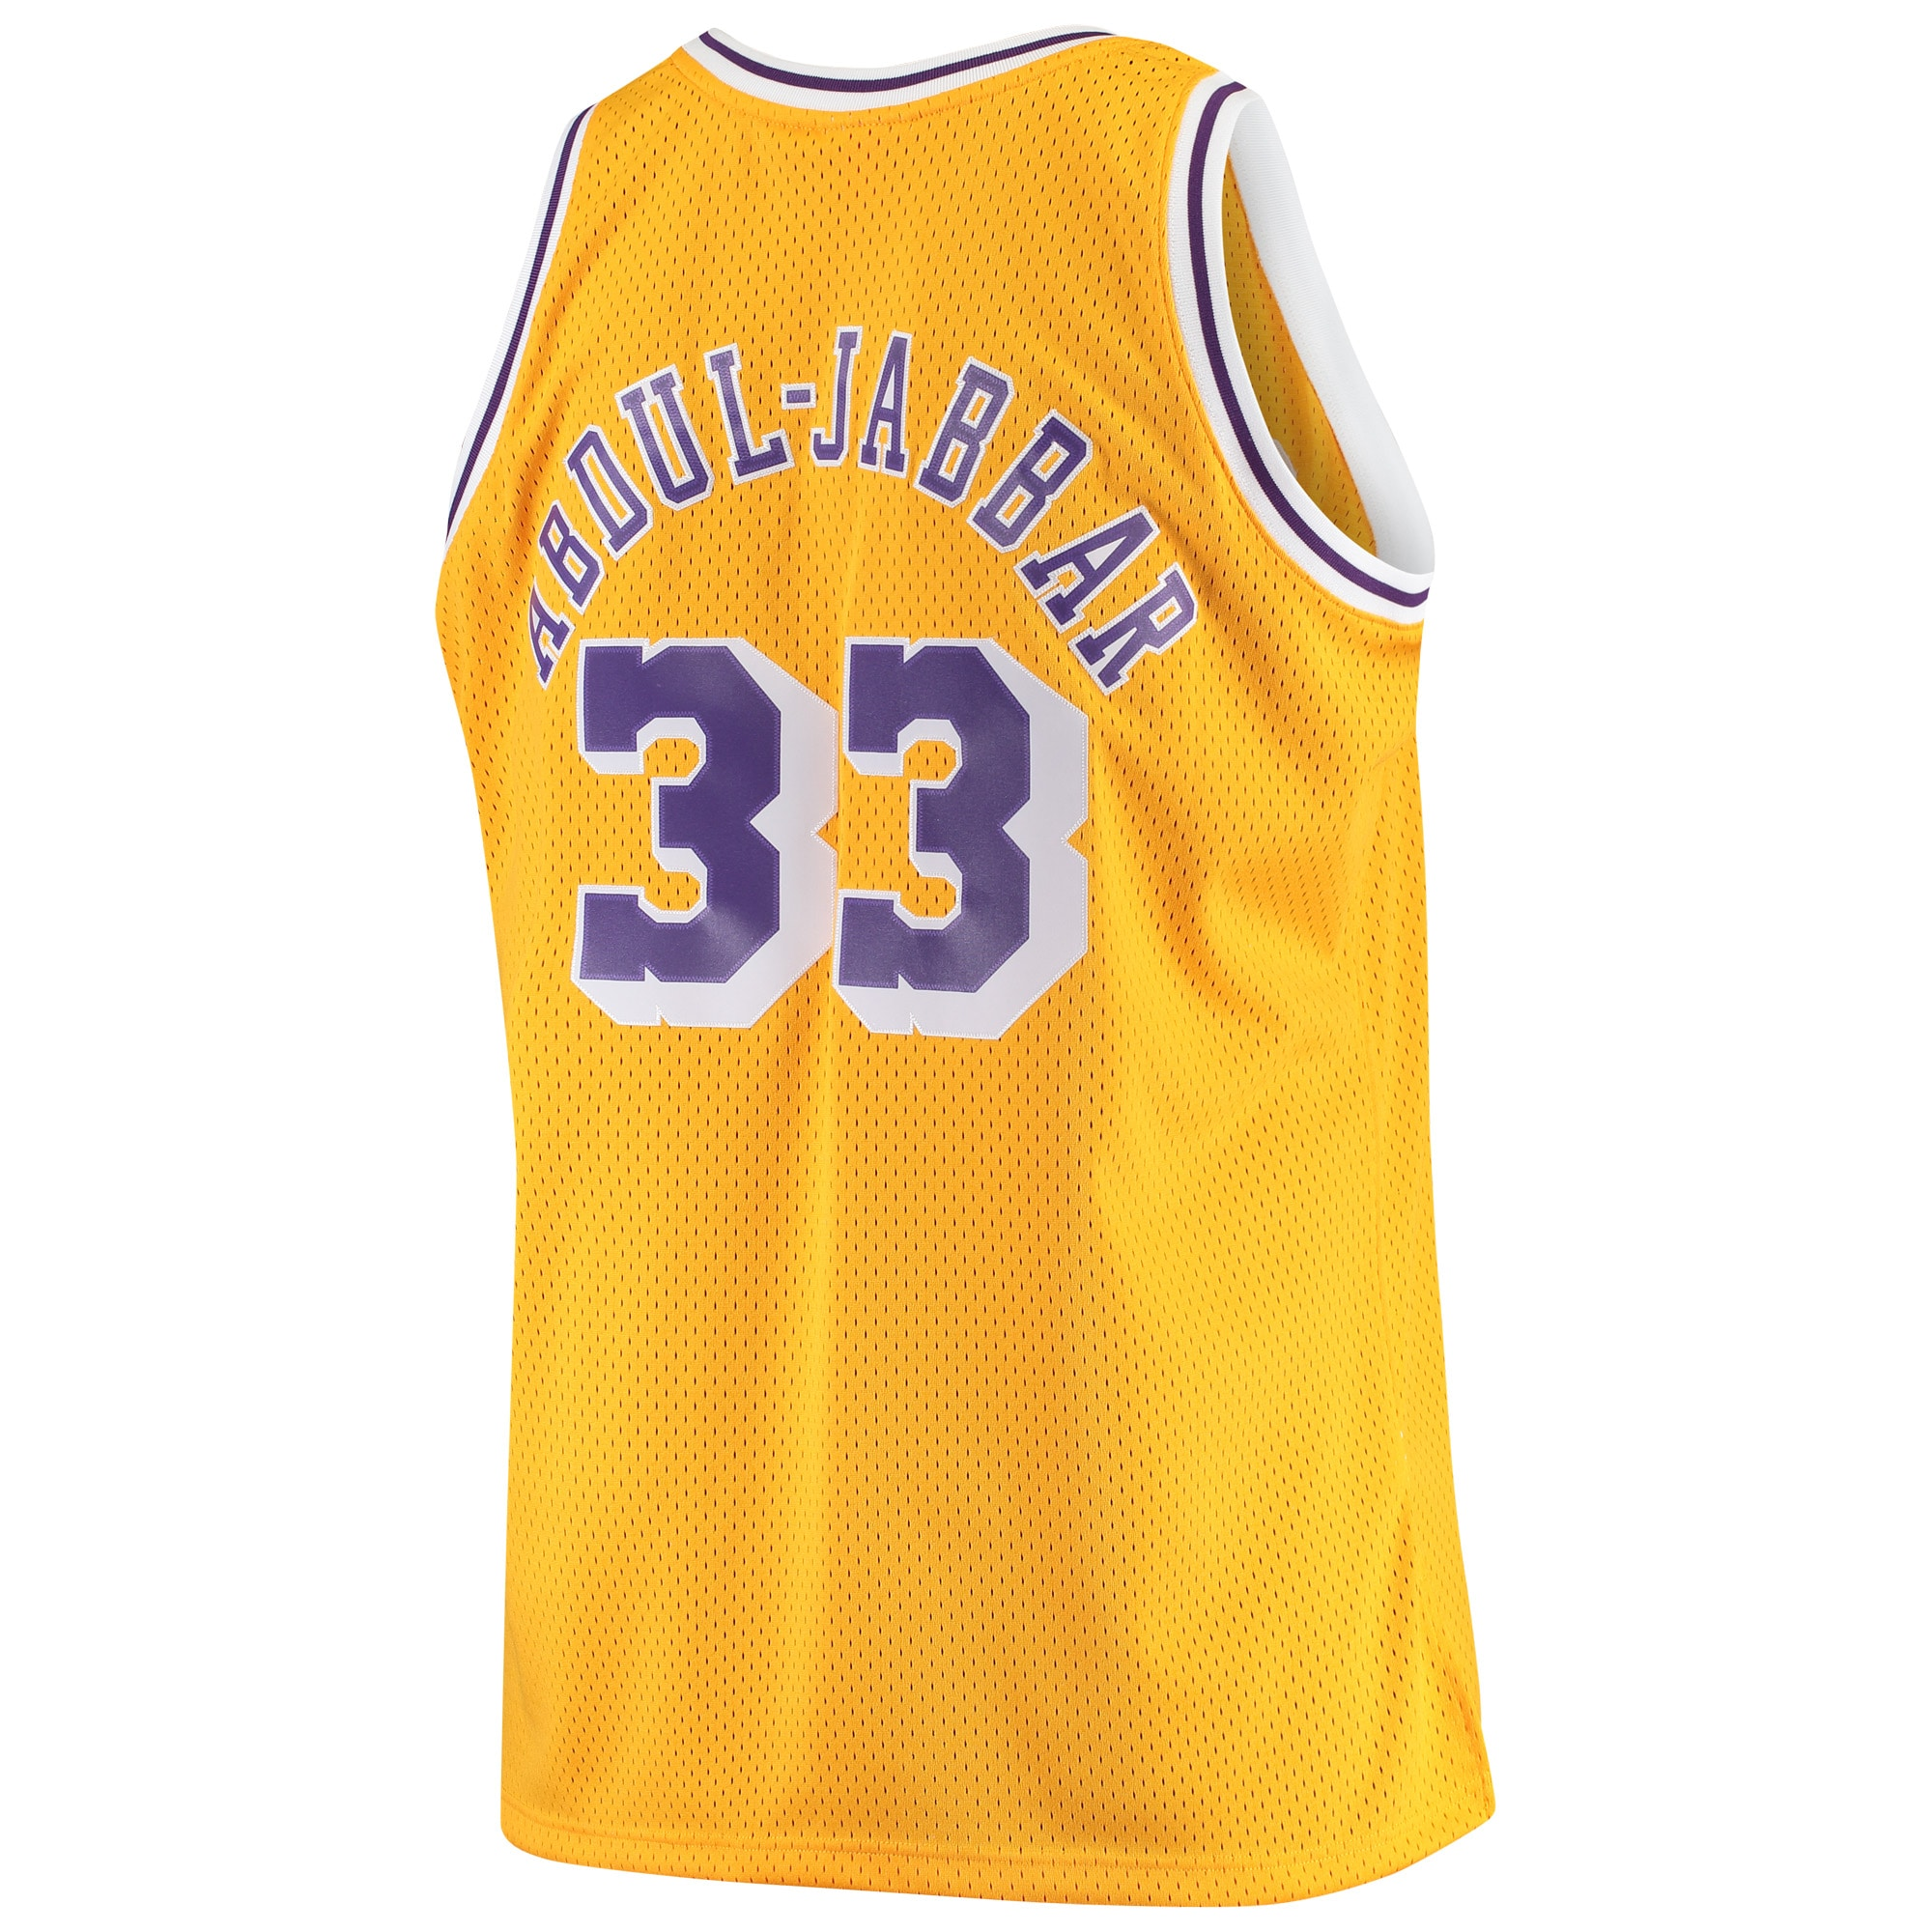 Kareem Abdul-Jabbar Los Angeles Lakers Mitchell & Ness Big & Tall Hardwood Classics Jersey - Gold